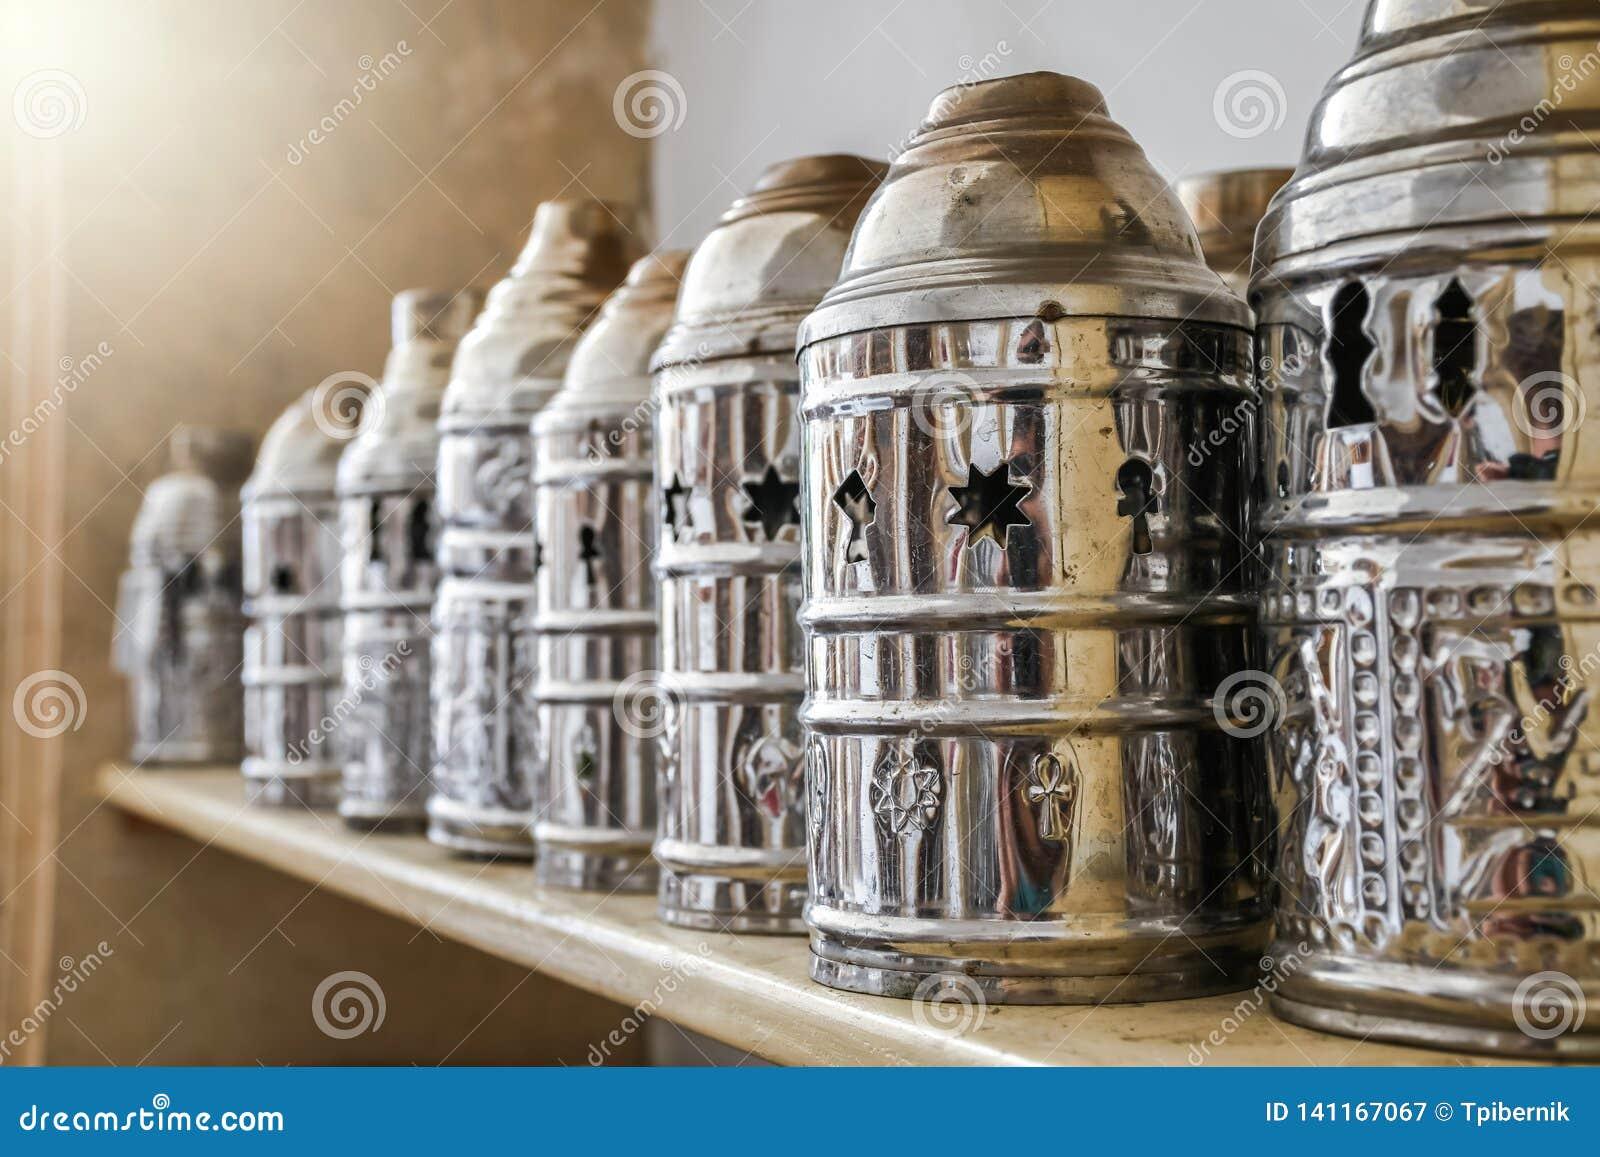 Grupo de cubierta del tubo del shisha del metal en el estante para el tabaco ardiente del carbón de leña